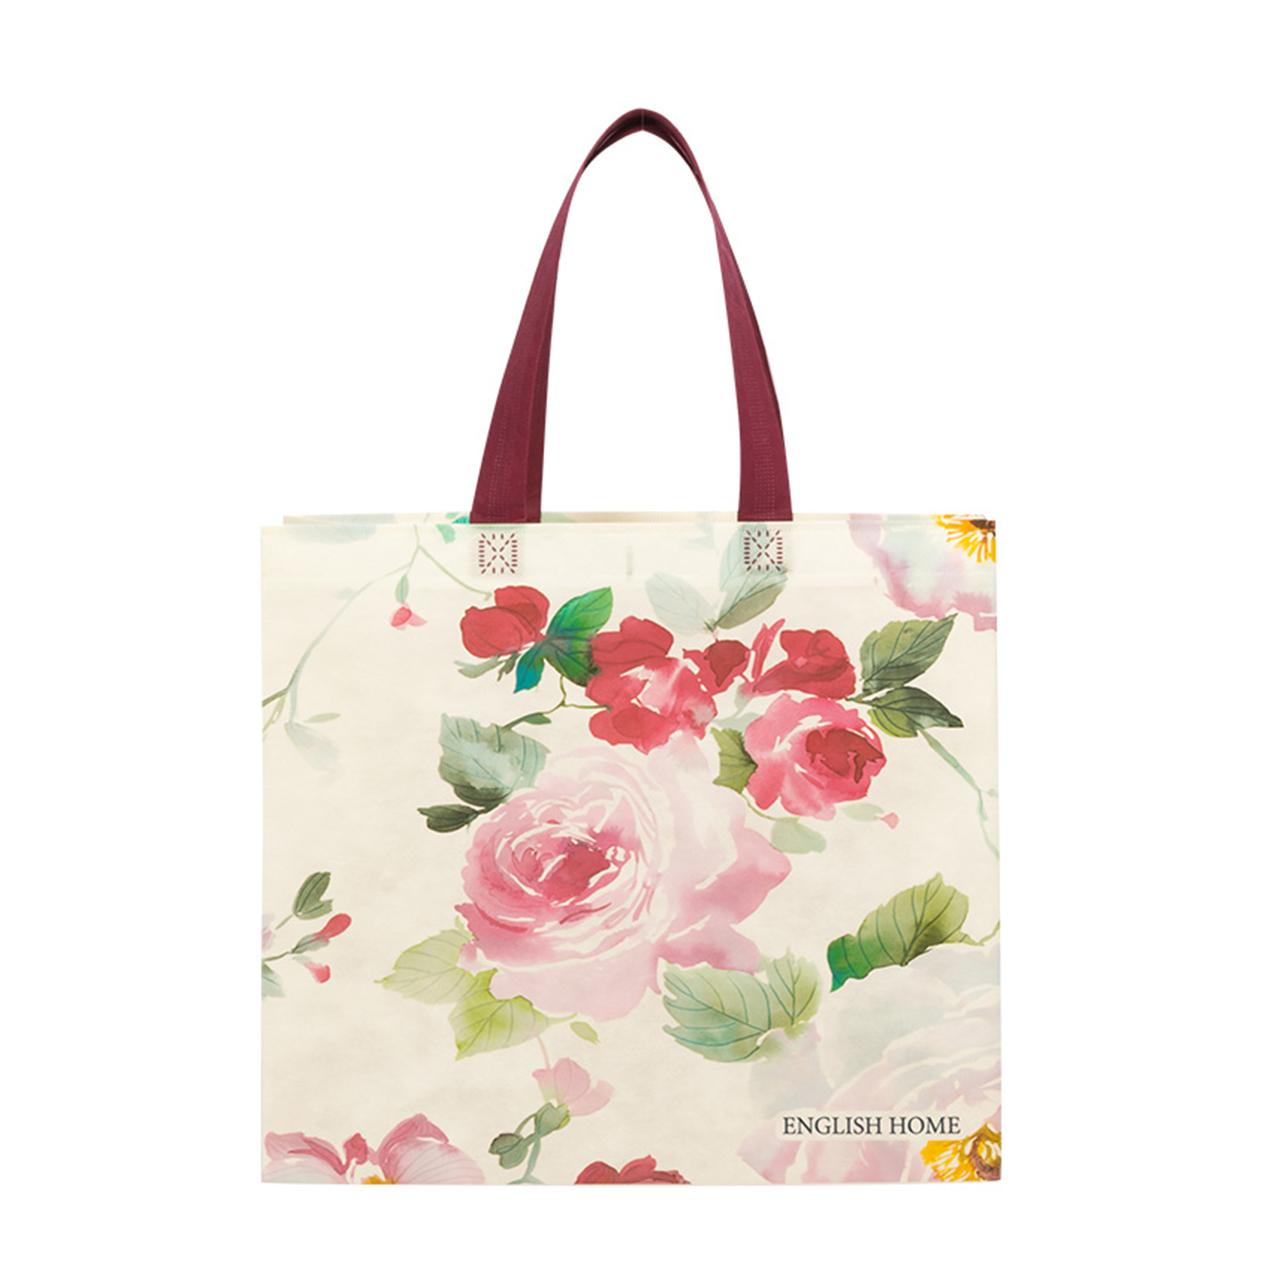 کیف دستی زنانه اینگلیش هوم مدل 001Rose